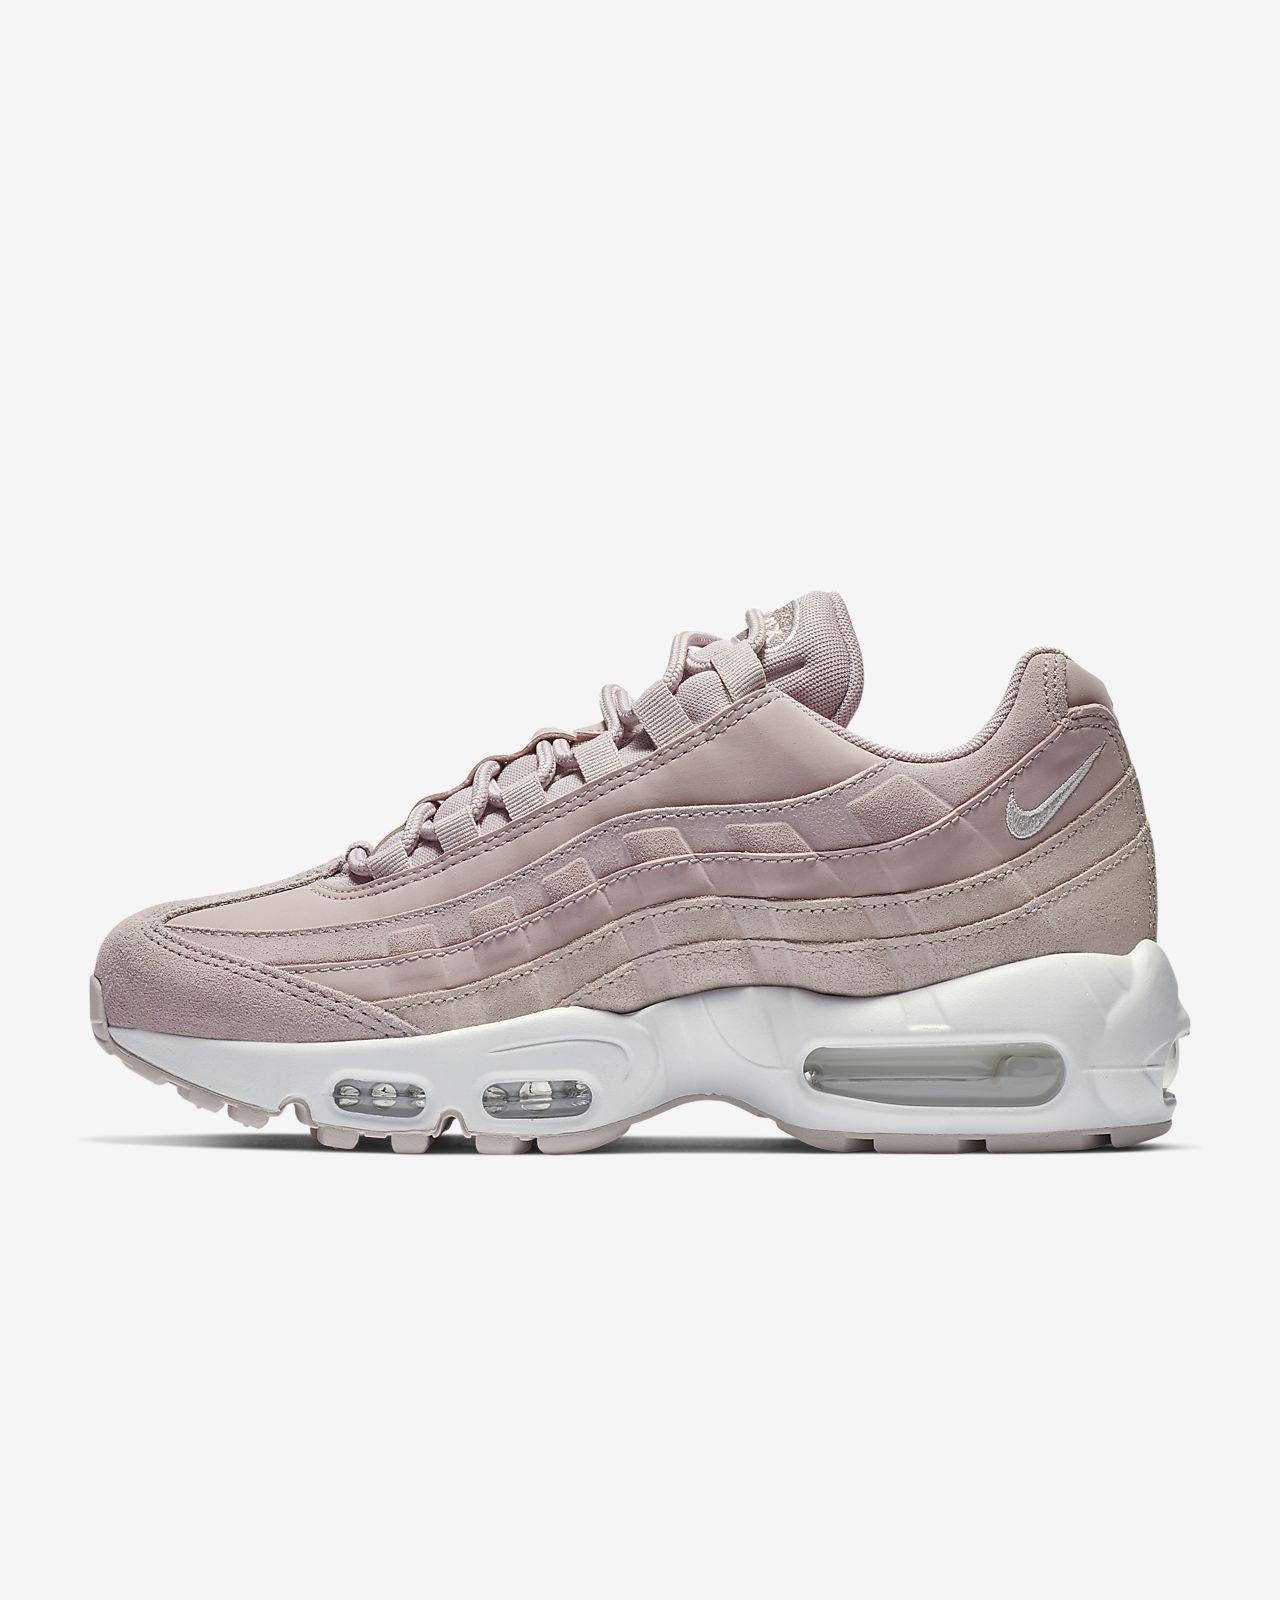 online retailer 63724 58b57 ... Chaussure Nike Air Max 95 Premium pour Femme